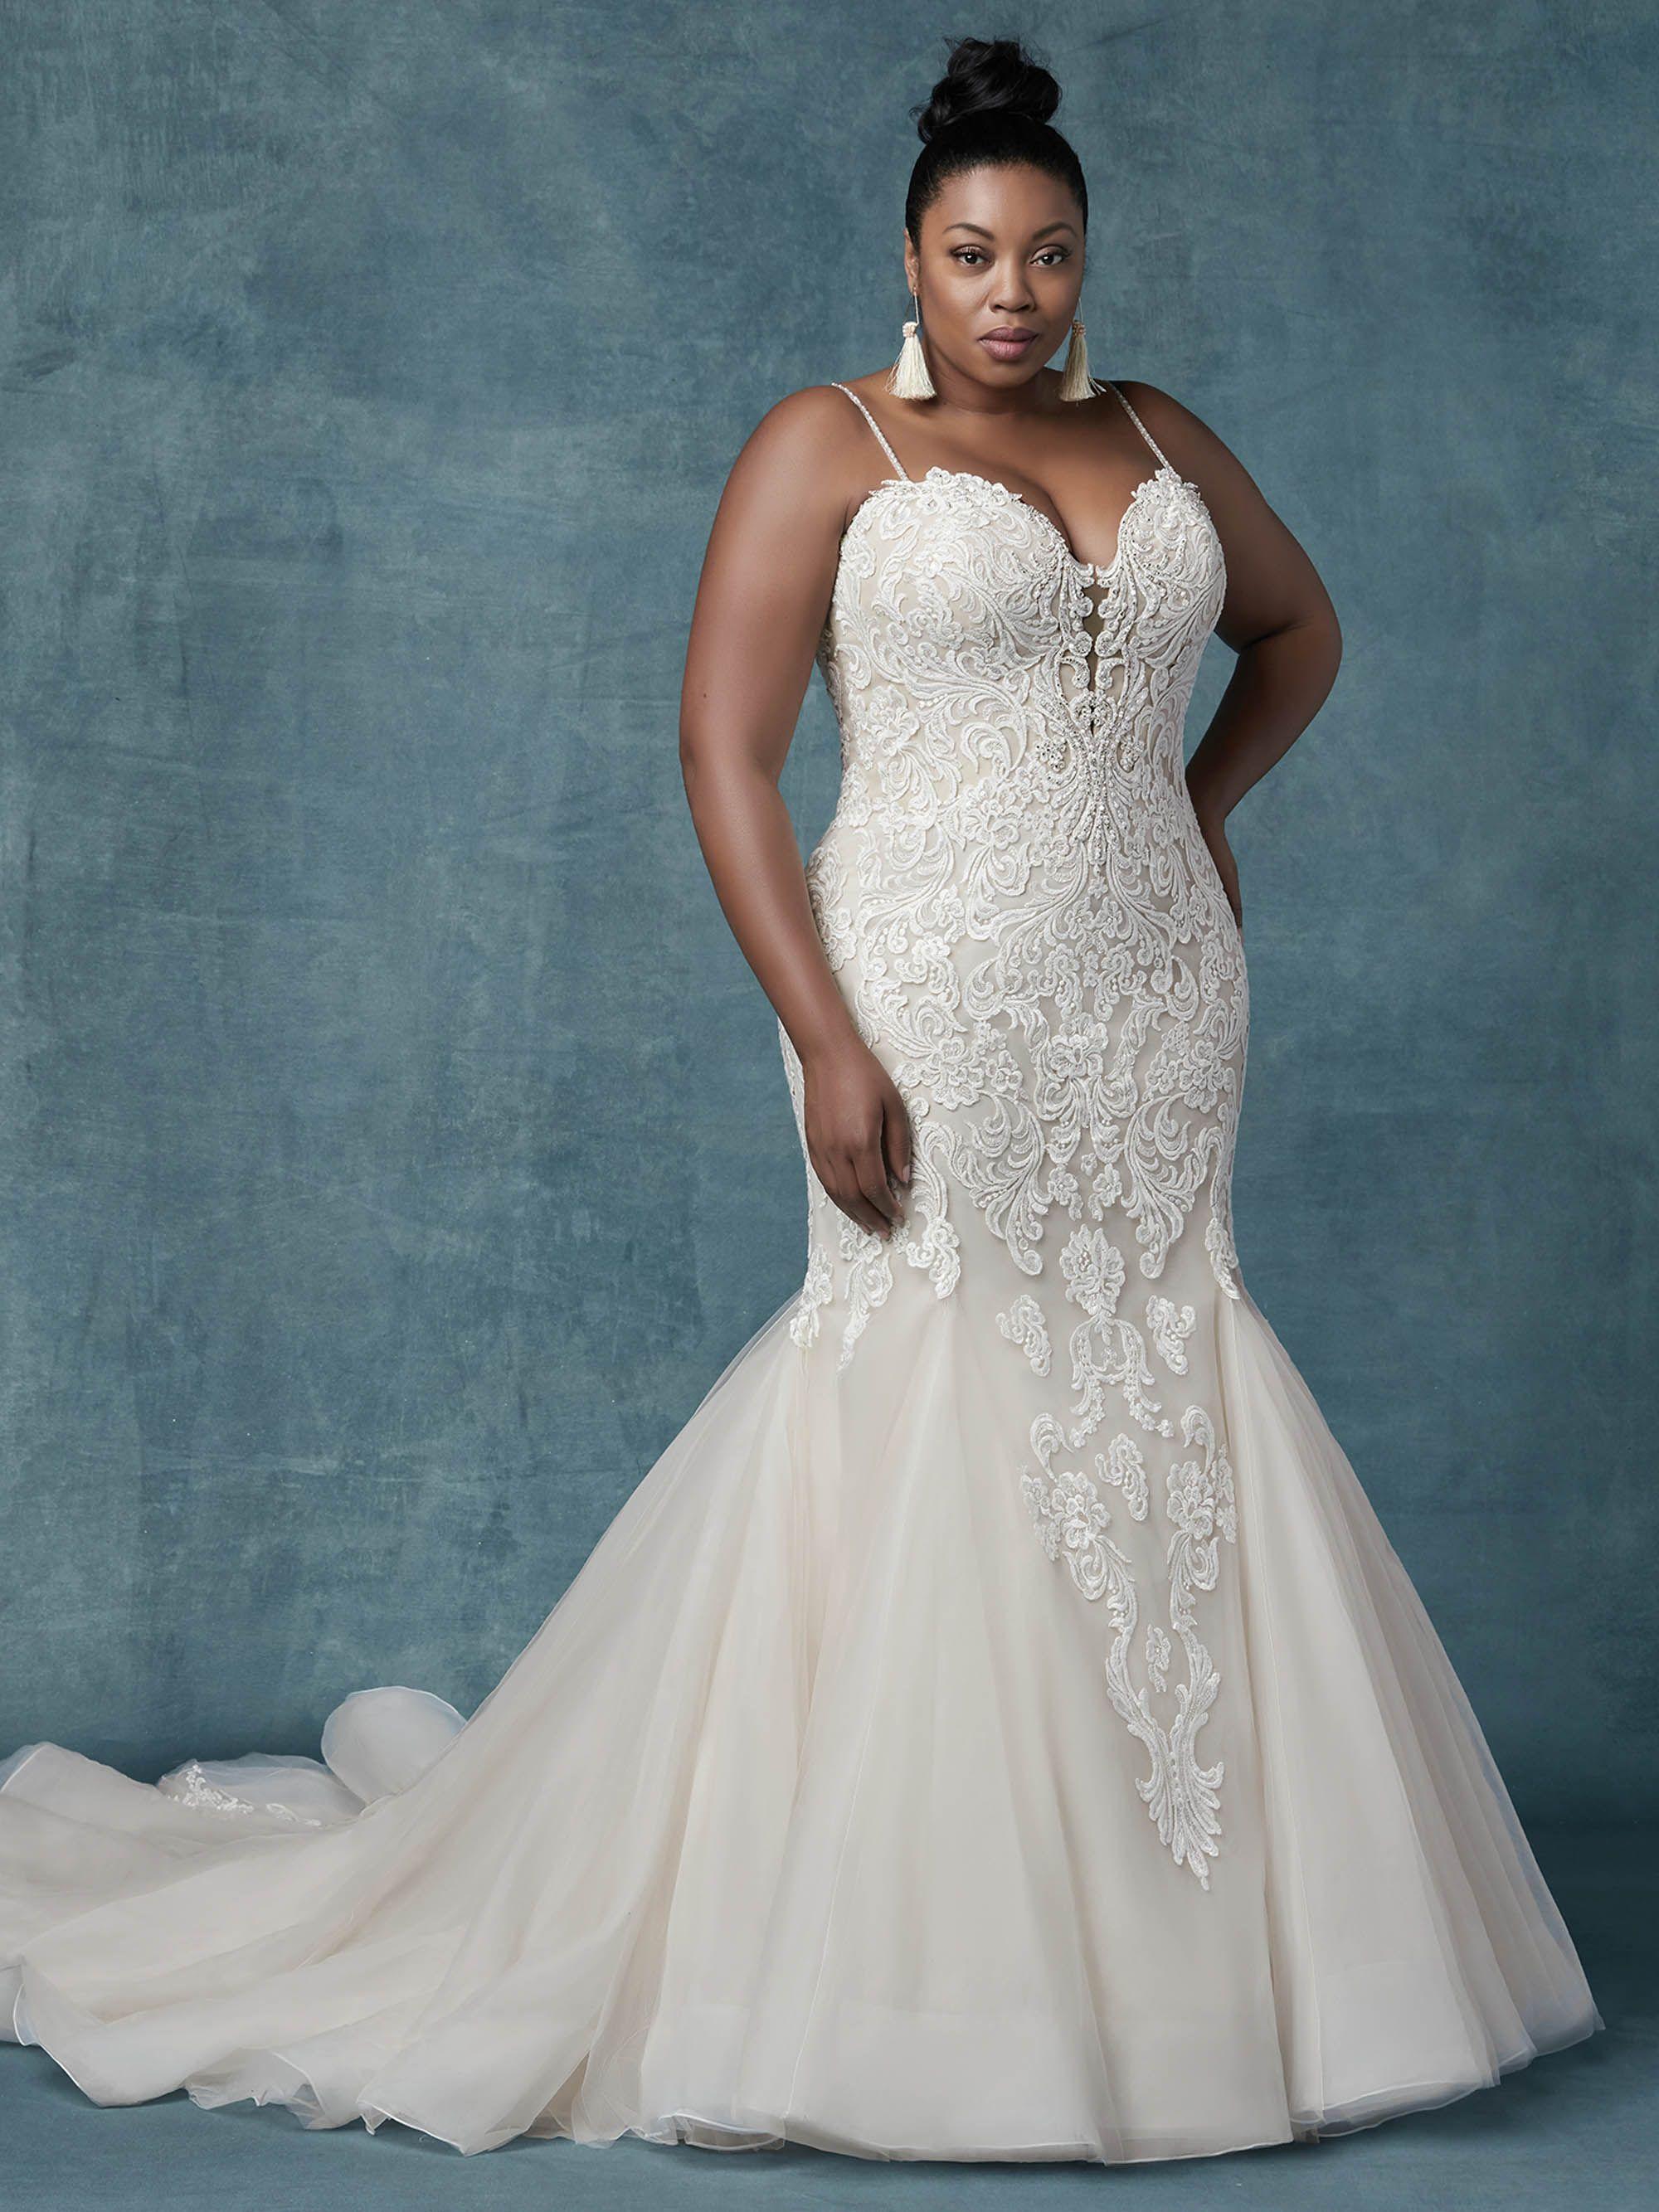 23e010b3eb4e8 Wedding dresses for girls with curves  weddingdresses   plussizeweddingdresses